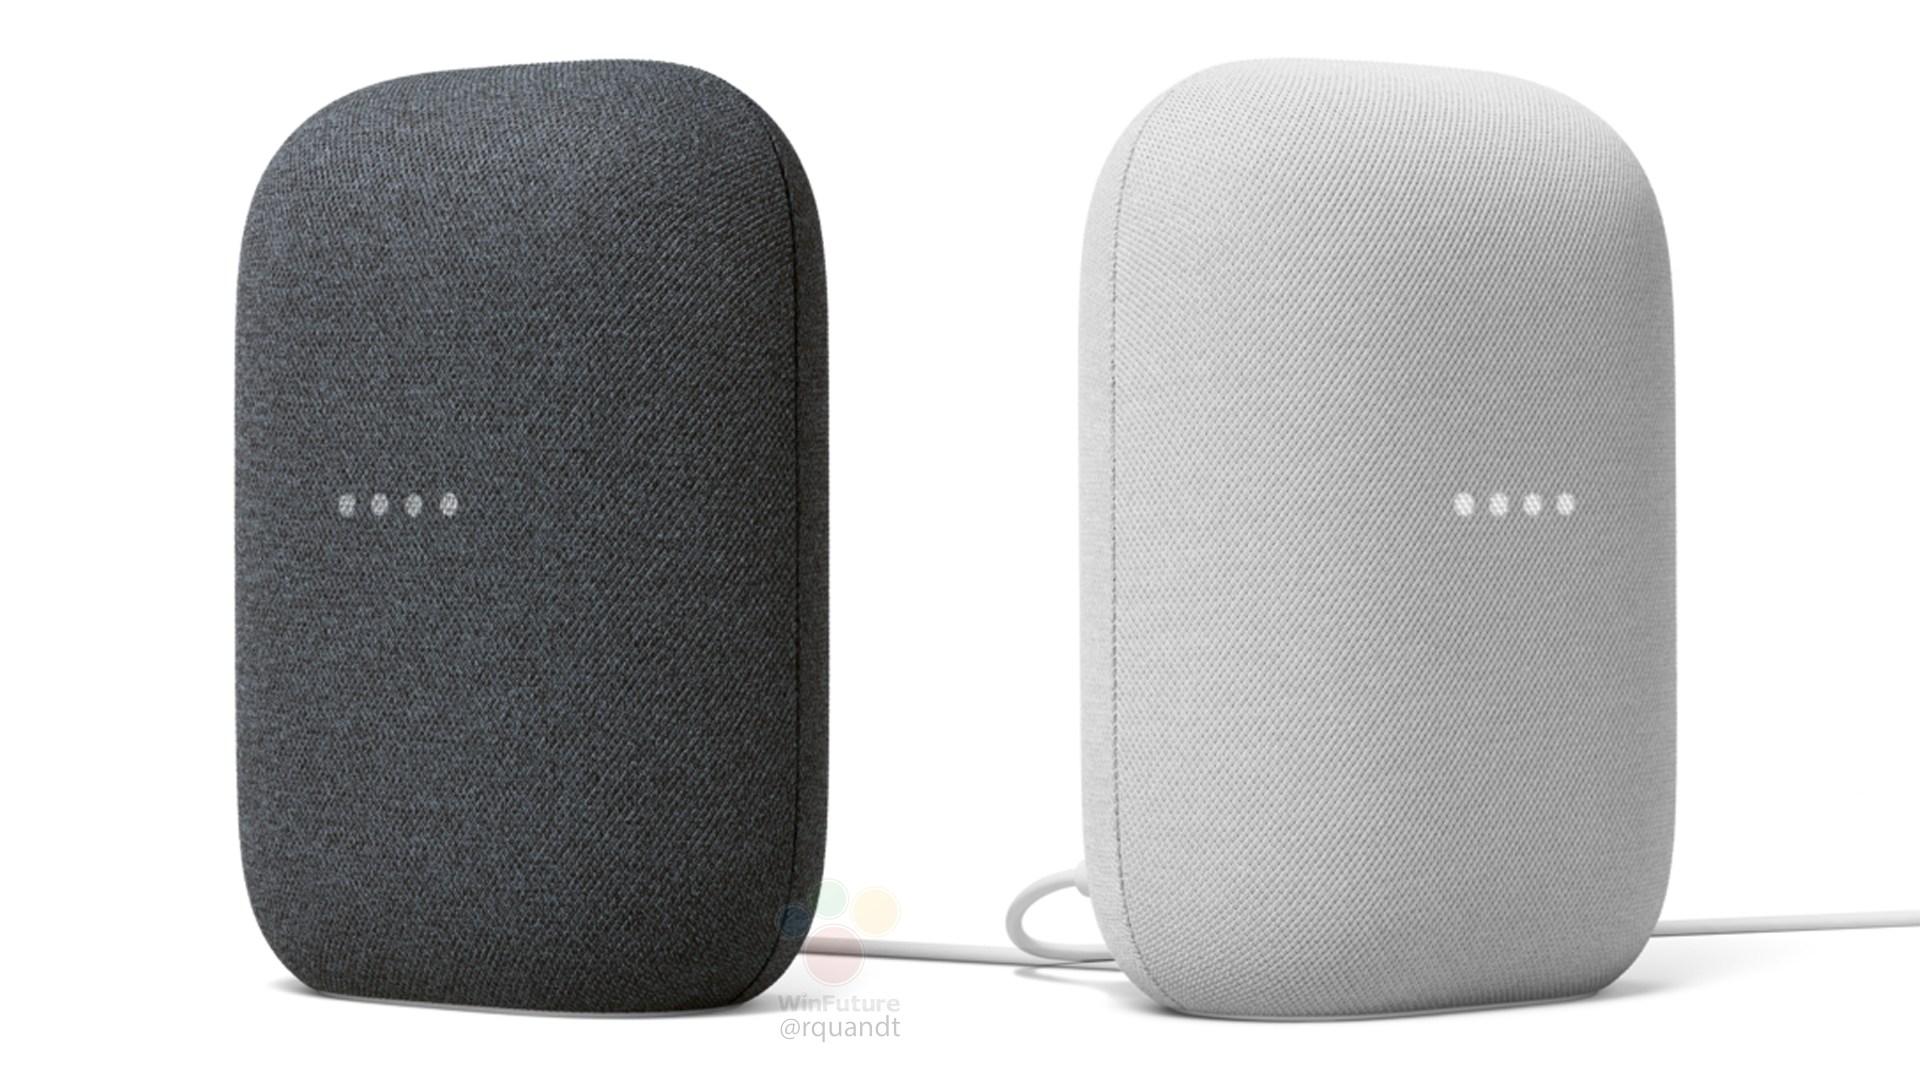 Google, Netzwerk, Lautsprecher, Google Home, Smart Speaker, Nest, Google Home Max, Google Nest Mini, Nest Audio, Google Nest Audio